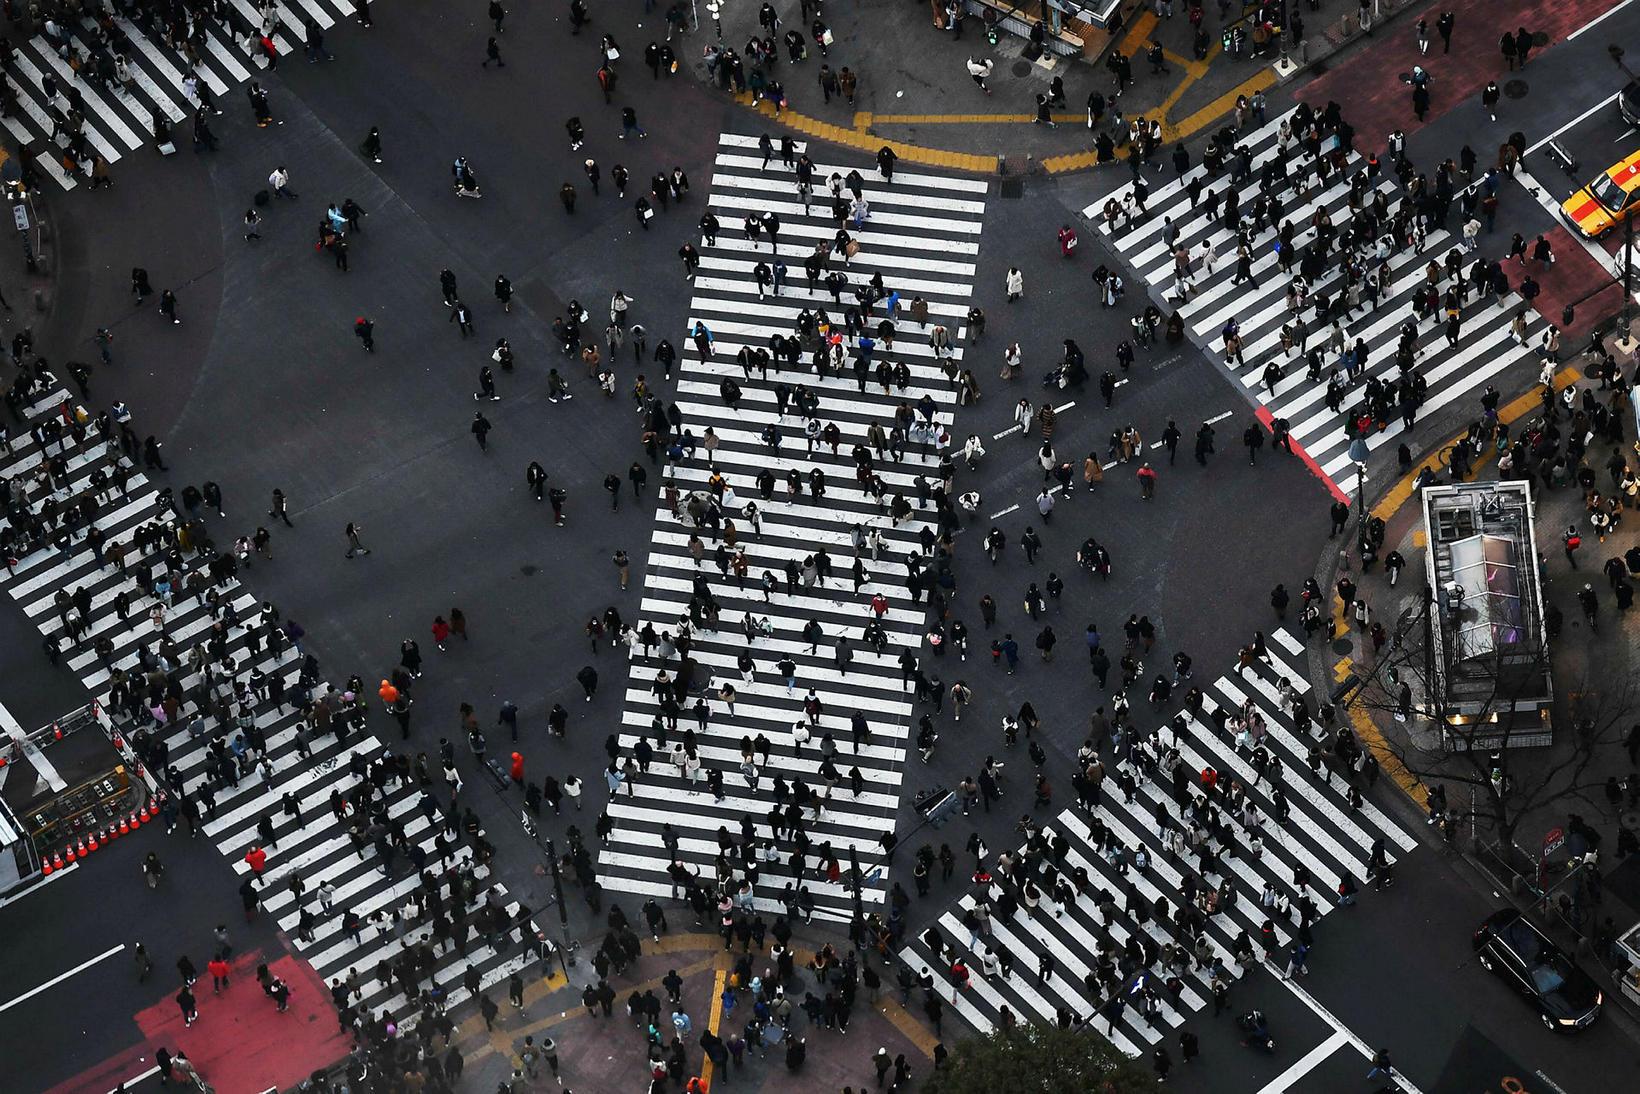 Hópur fólks gengur yfir gangbrautirnar frægu í Shibuya-hverfinu í Tókýó.